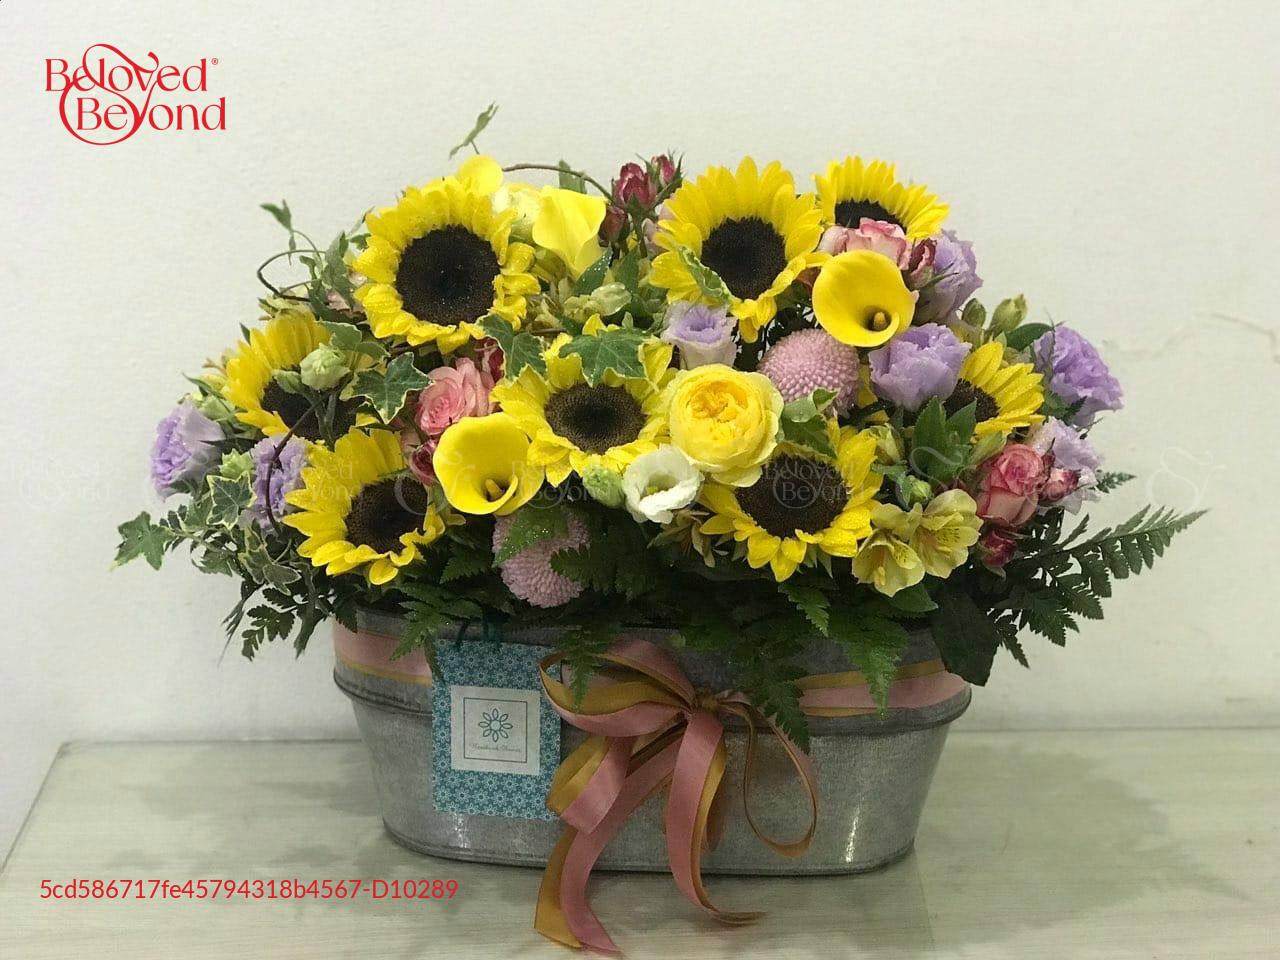 Hạnh phúc - D10289 - xinhtuoi.online